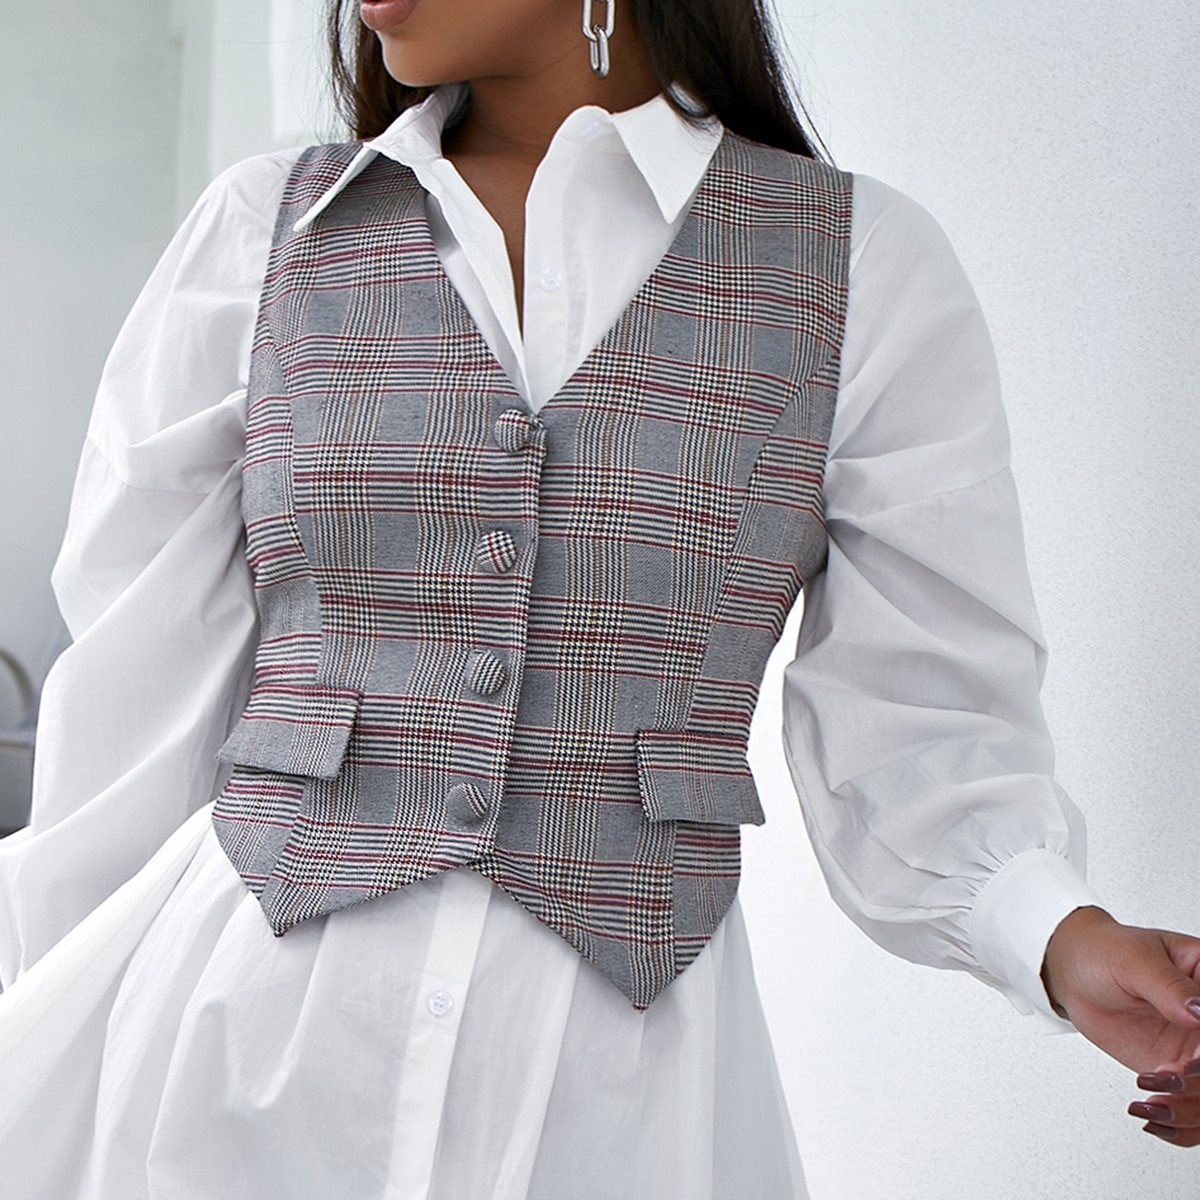 Жилет-пиджак с узором хаундстута и пуговицами от SHEIN